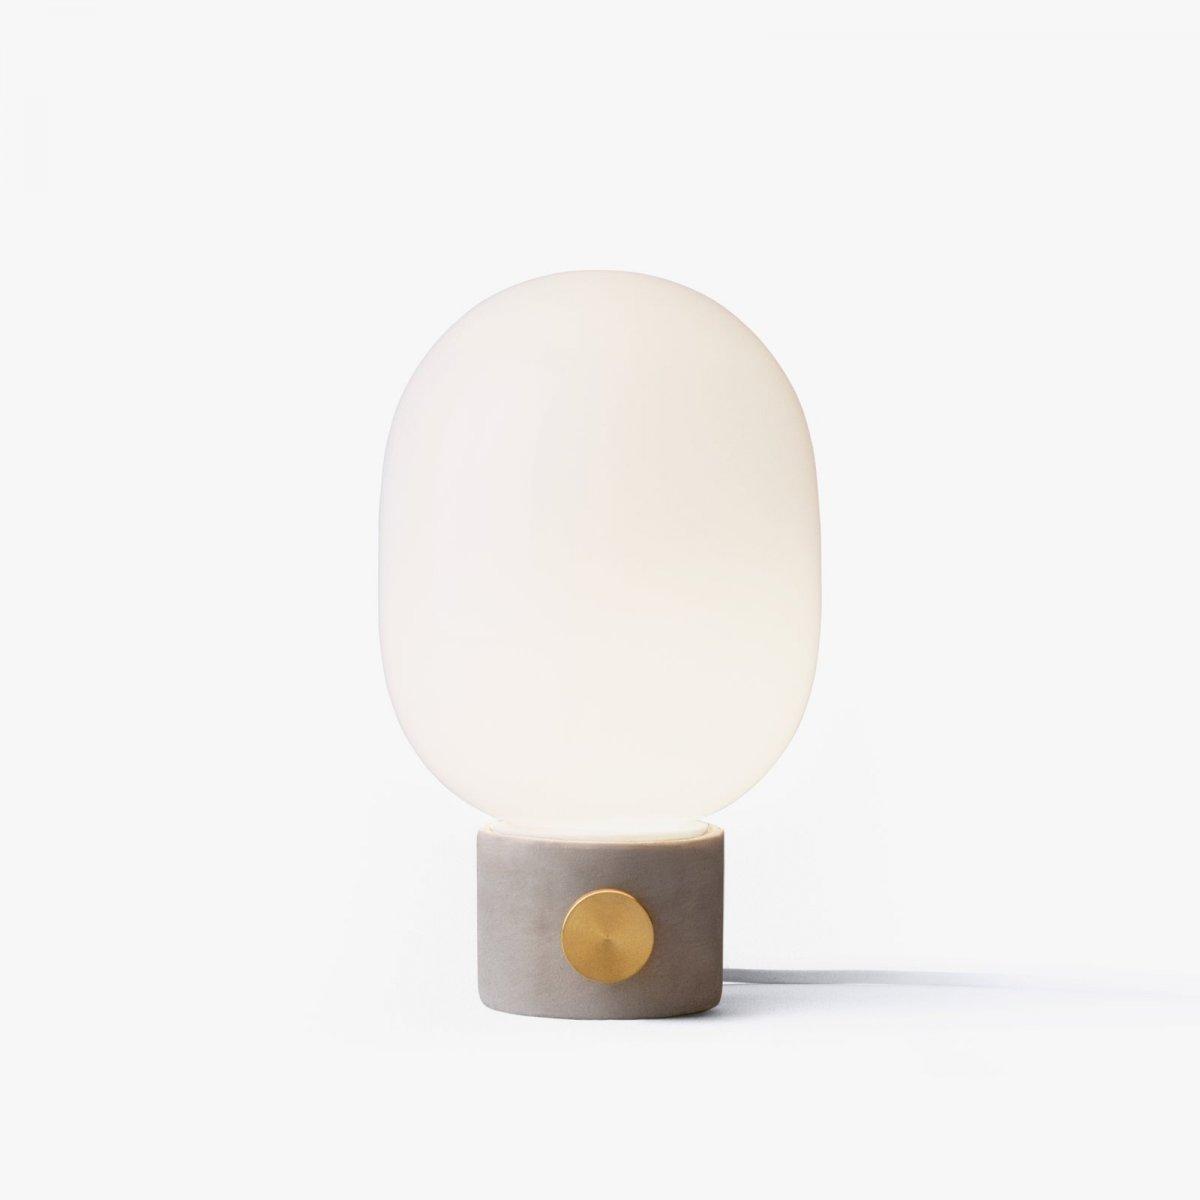 JWDA Concrete Lamp, lit.